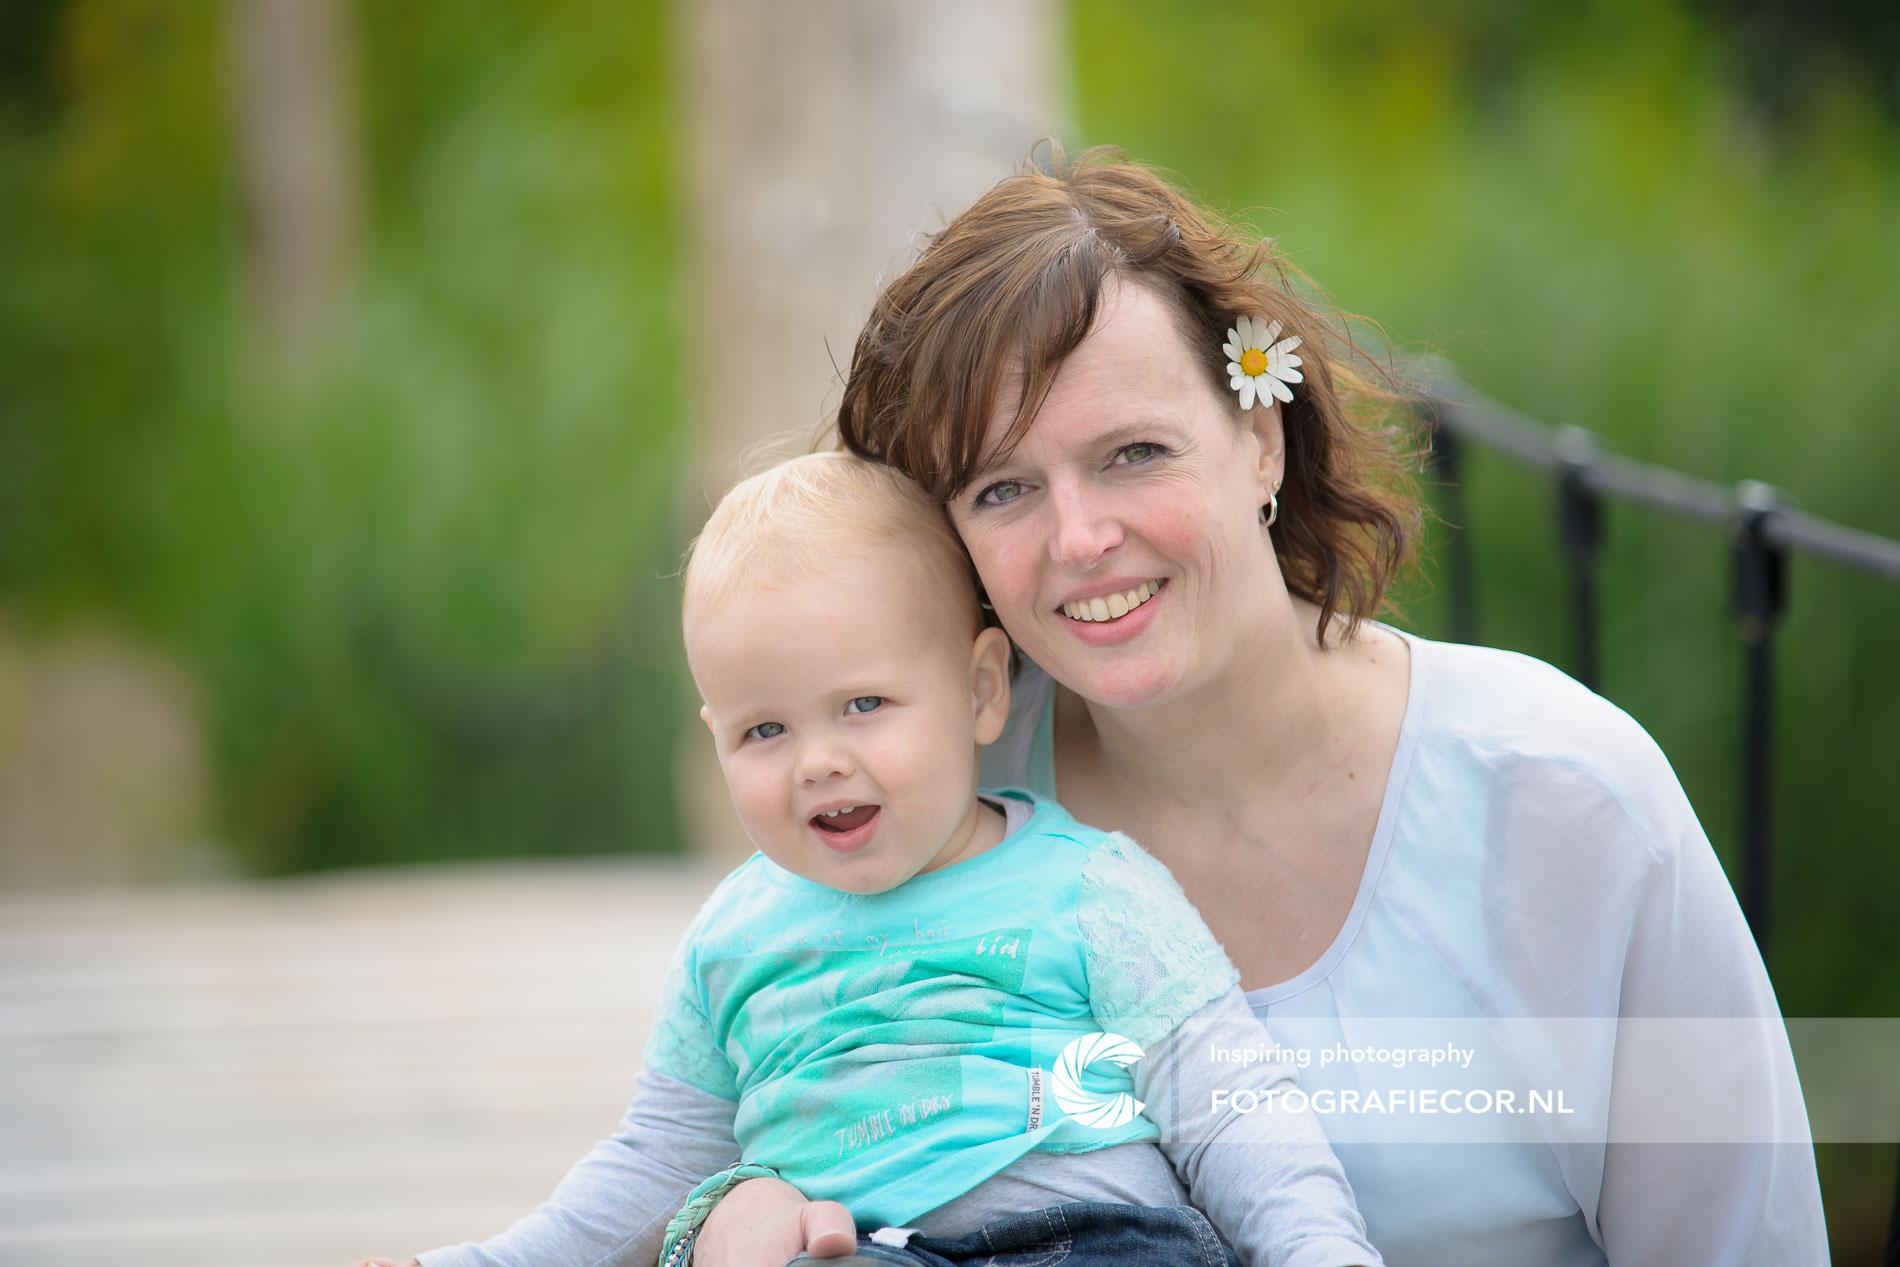 Gezinsfoto | Gezin | vrolijke baby fotografie met mama | foto